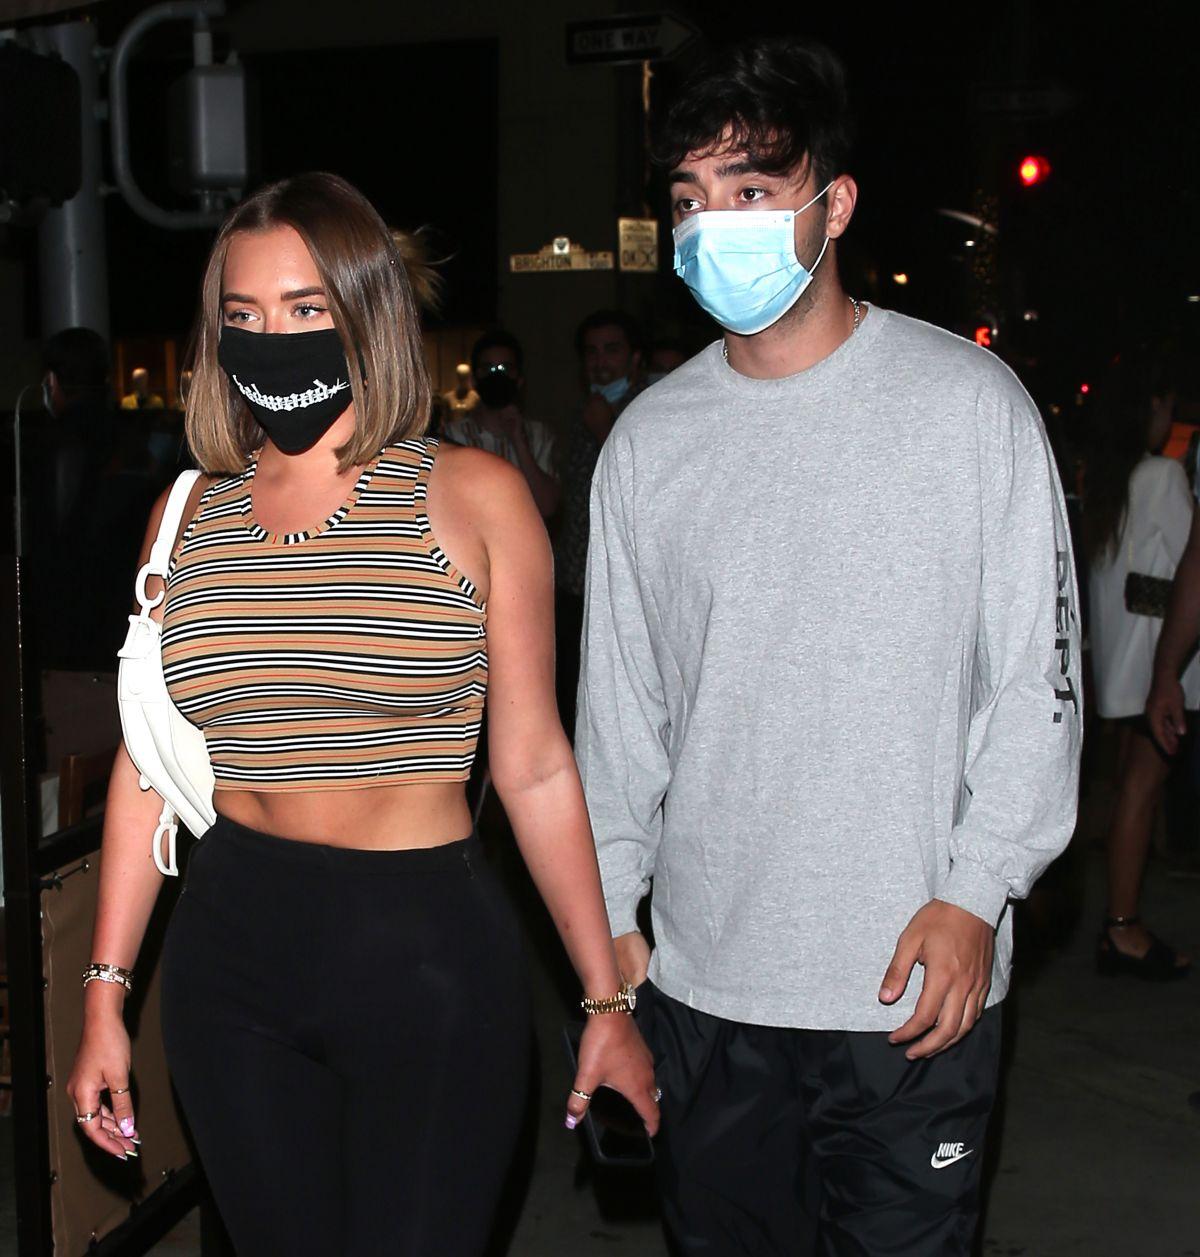 Anastasia Karanikolaou Abd Zack Bia Out For Dinner Il Pastaio Beverly Hills